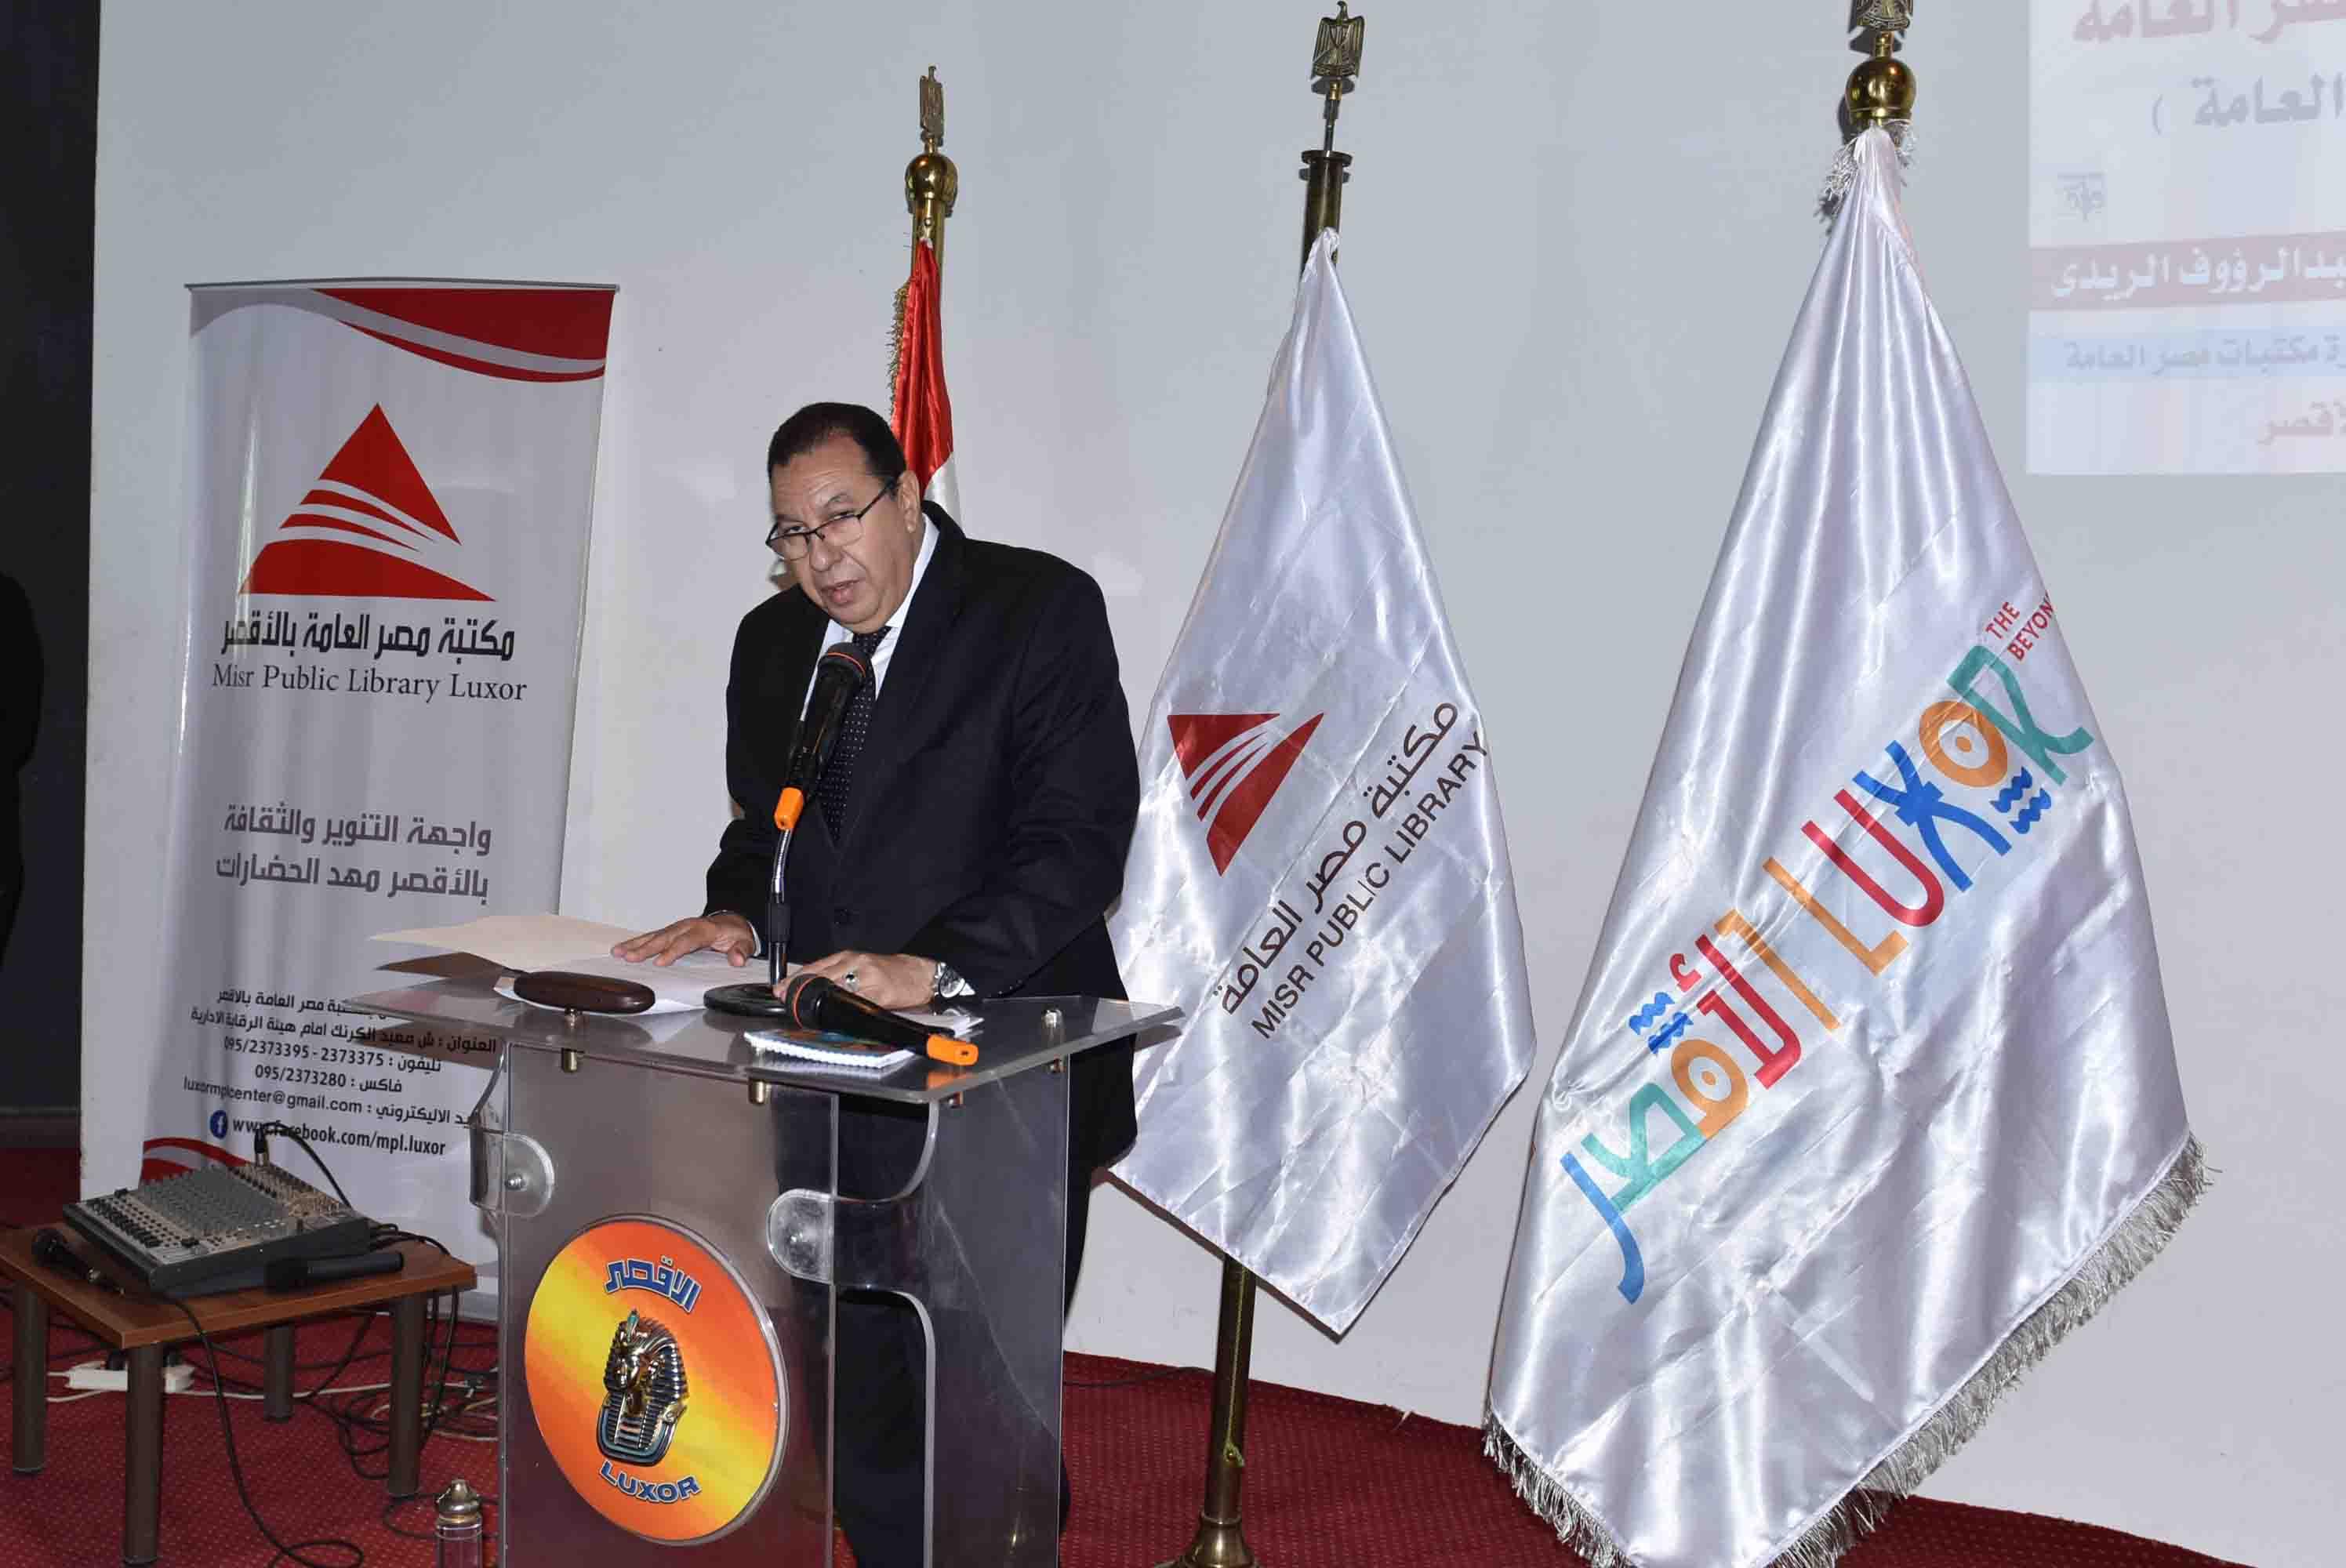 الملتقى الدوري الثامن لمديري مكتبات مصر